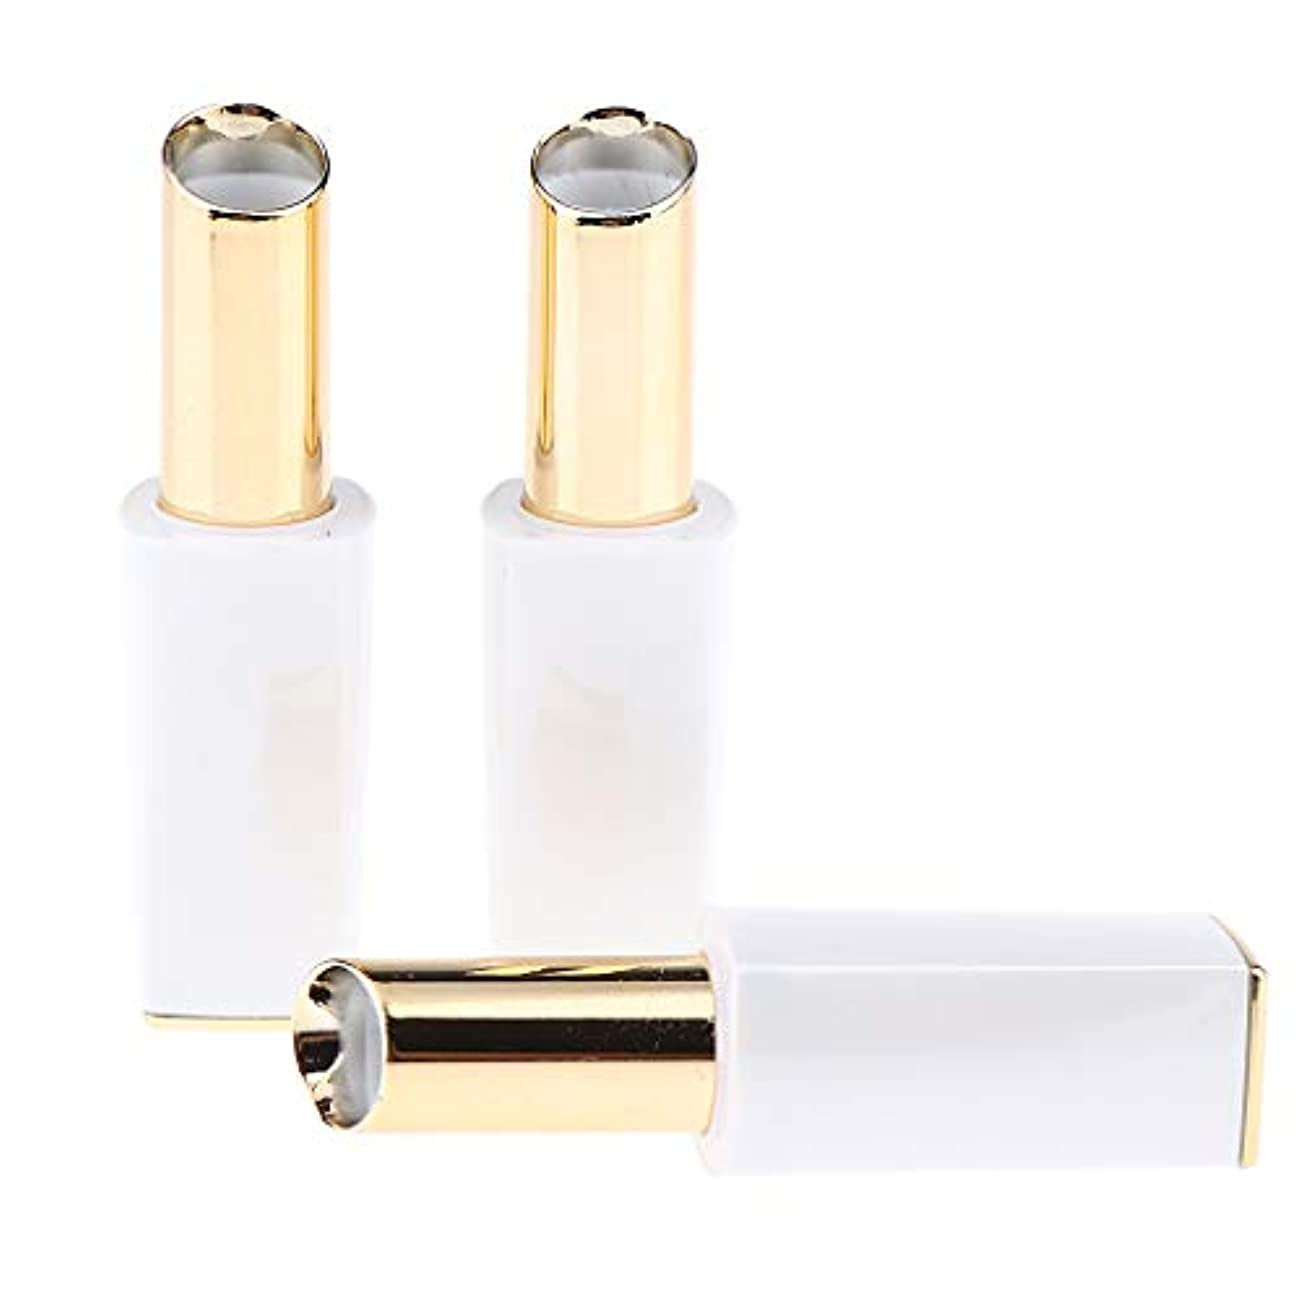 特権的インデックス選択するリップスティック チューブ 口紅チューブ プラスチック メイクアップ 道具 3本入り 全3色 - 白